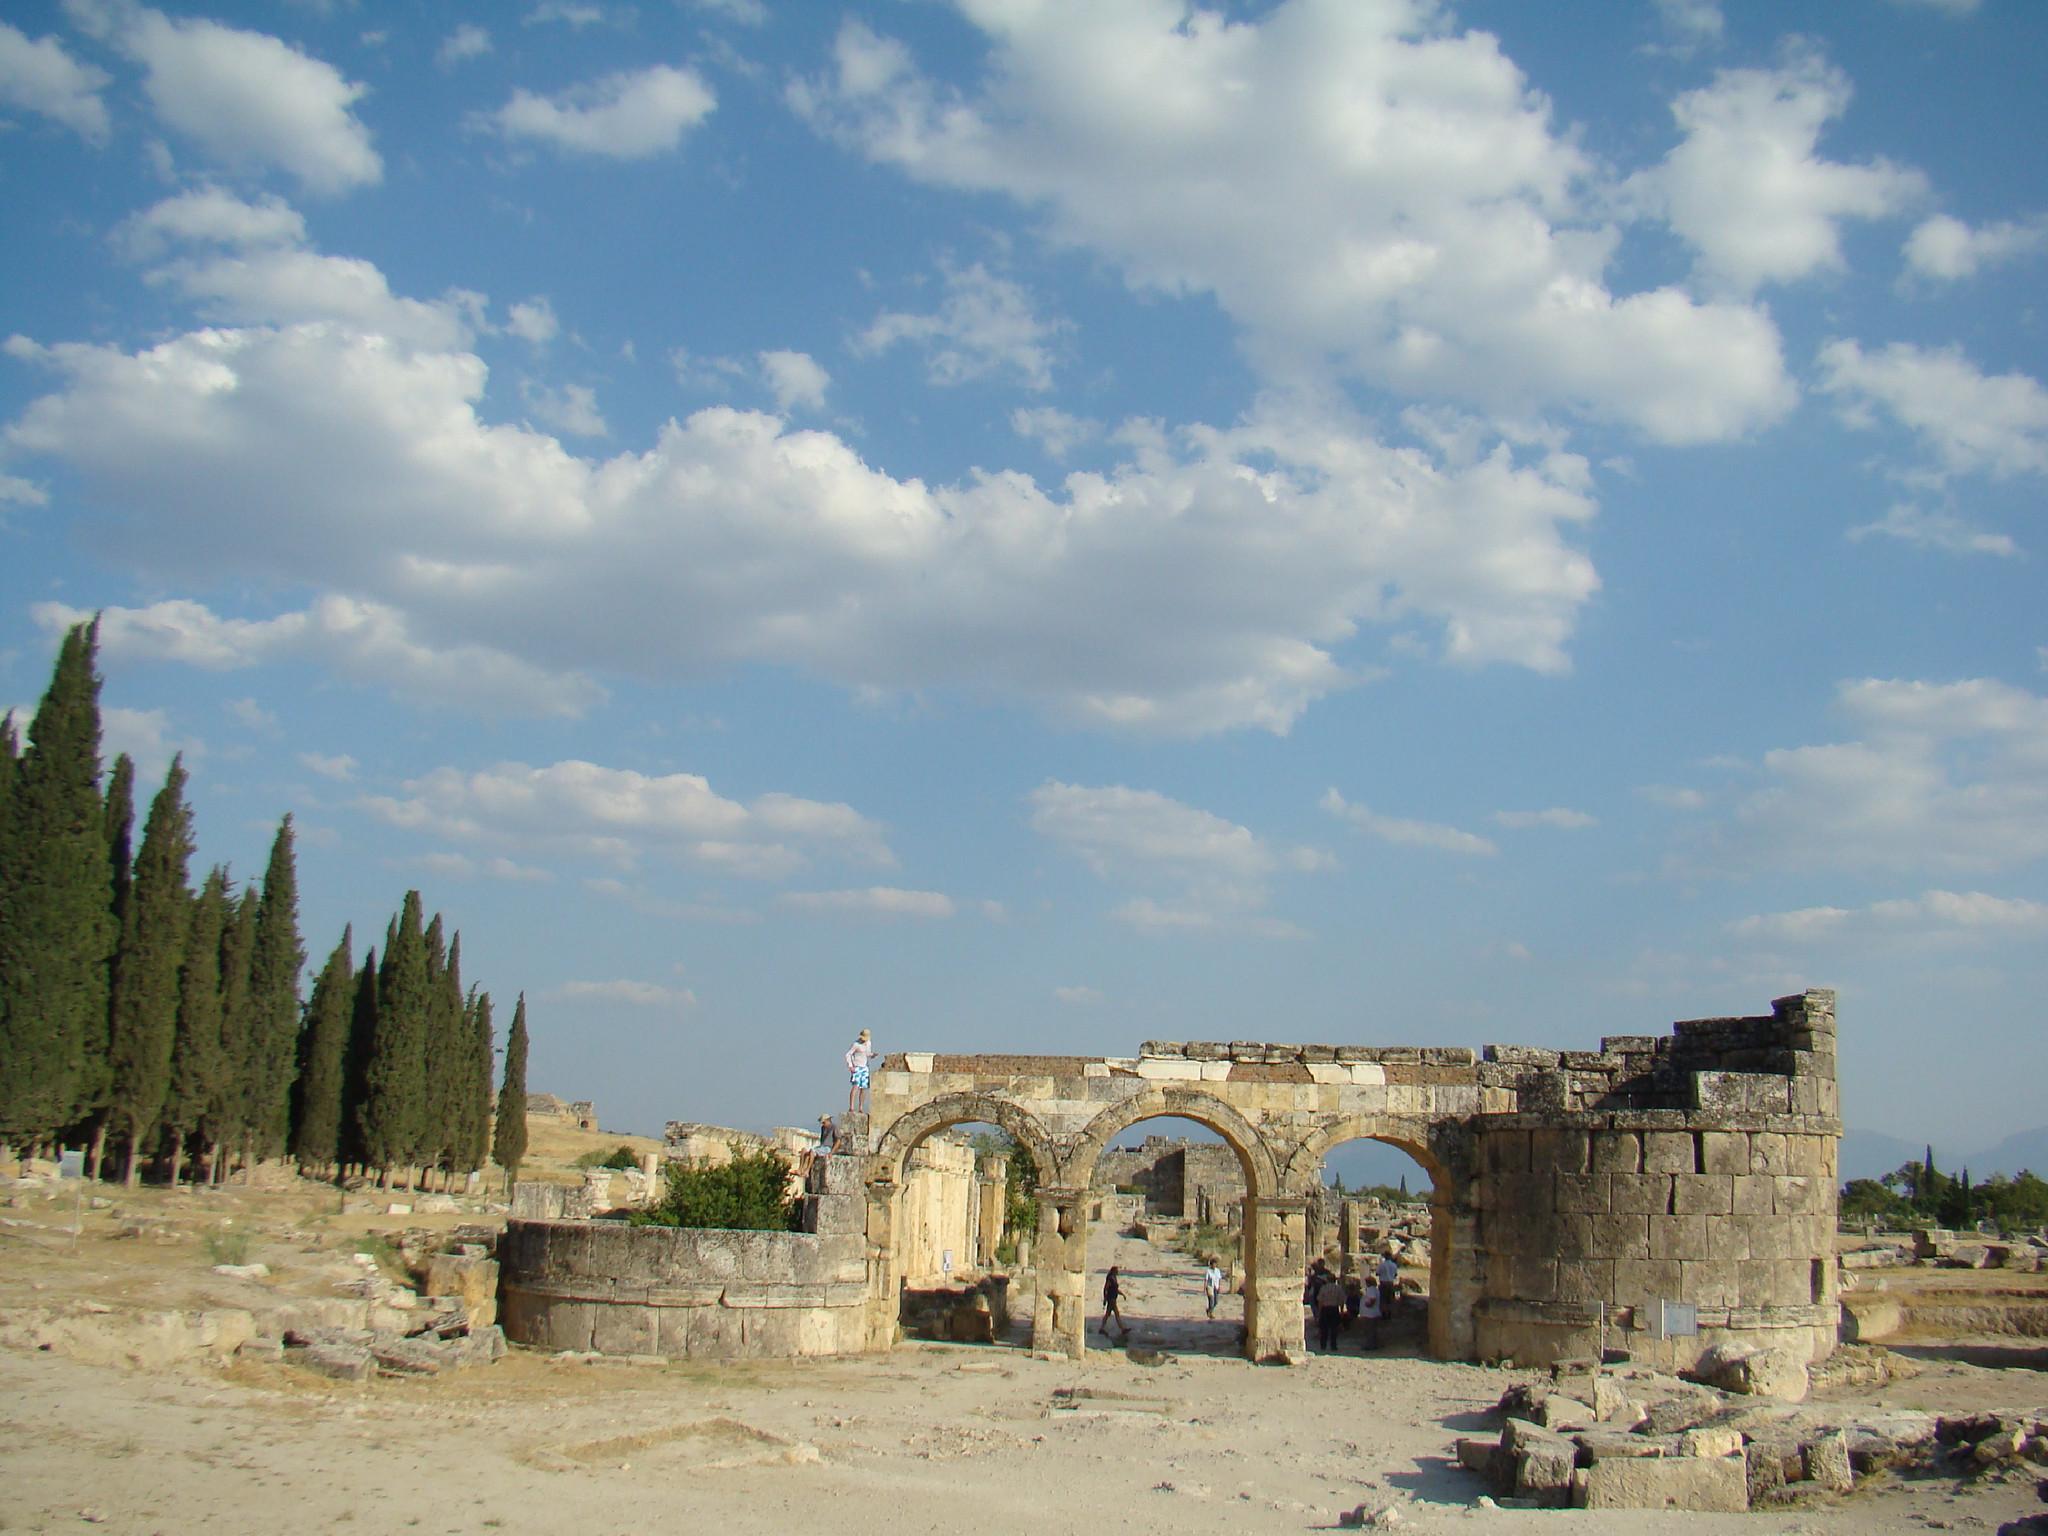 Puerta de Domiciano sur y calle principal via Plateia antigua ciudad de Hierápolis Pamukkale Turquía